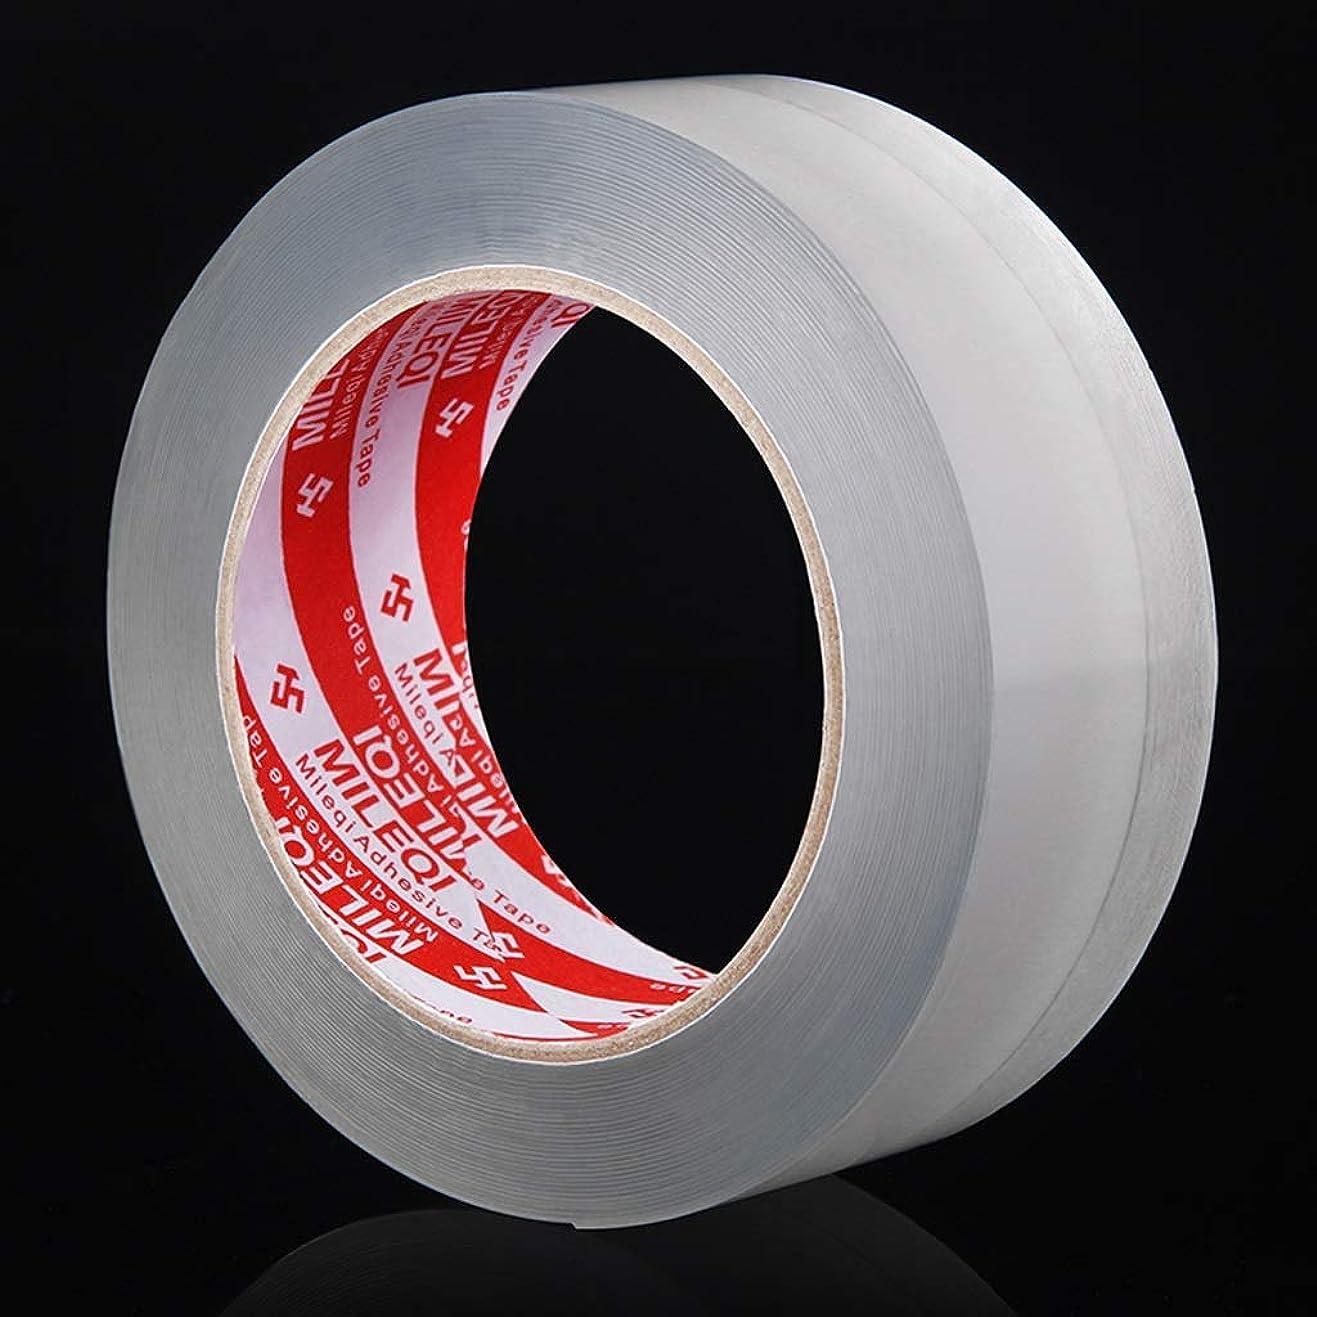 ビジョン肺炎彼女自身強力な片面テープ-屋内/屋外用キッチン防カビ防水テープナノ粘着マジックテープ、防湿シンクギャップが美しいシームシールストリップを満たします(サイズ:5.0CM幅×長さ3m)D